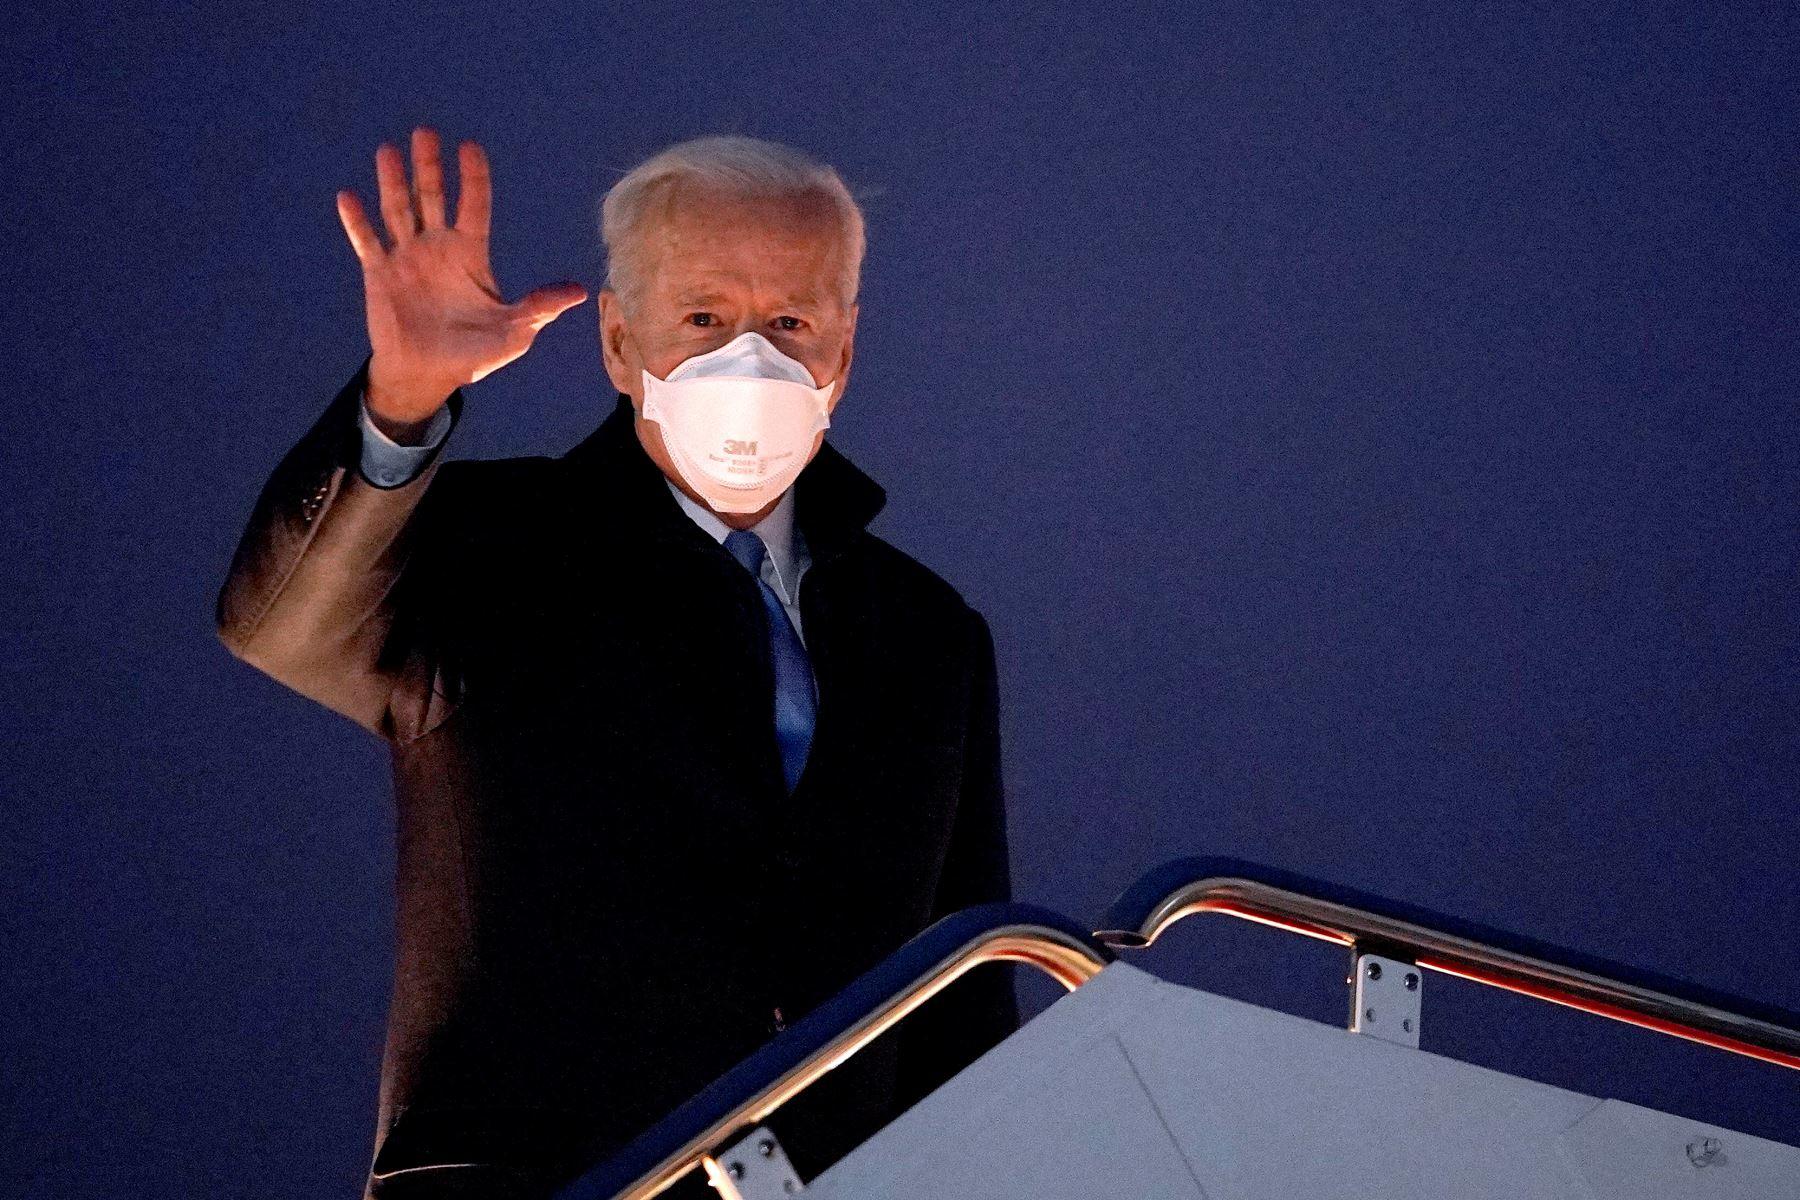 El presidente estadounidense Joe Biden saluda mientras aborda el Air Force One antes de partir de la Base de la Fuerza Aérea Andrews en Maryland. Foto: AFP